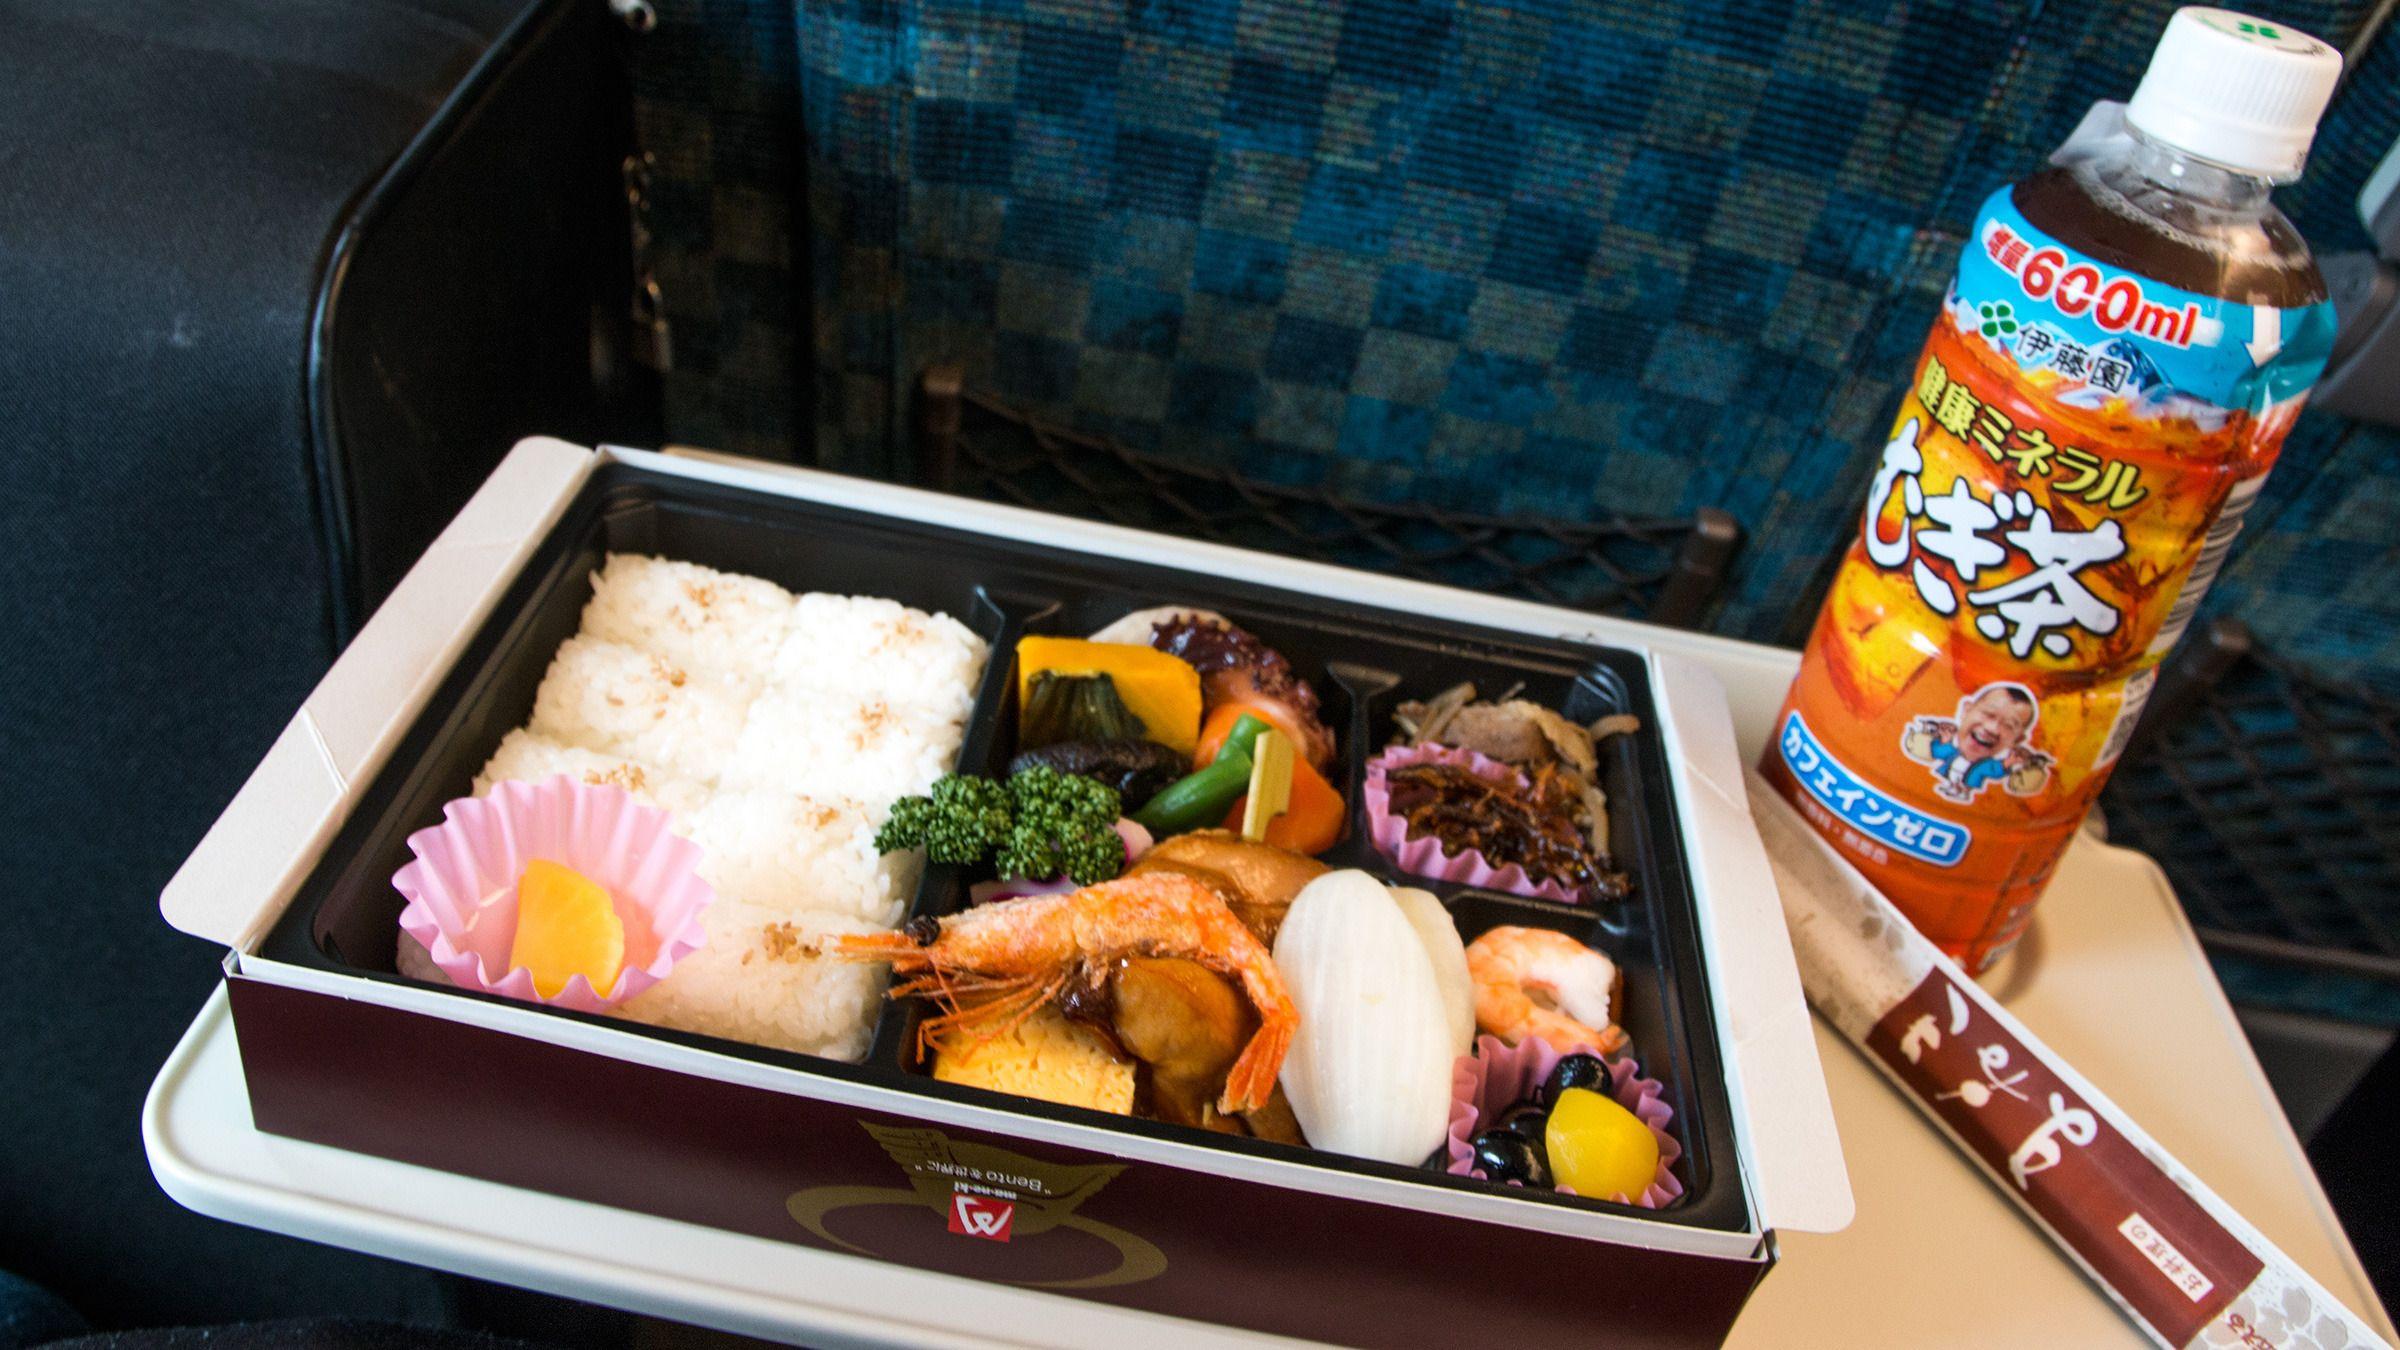 Når man beveger seg opp til SAKURA-linjen på Shinkansen blir også innholdet i matpakken mer spennende.Foto: Varg Aamo, Hardware.no